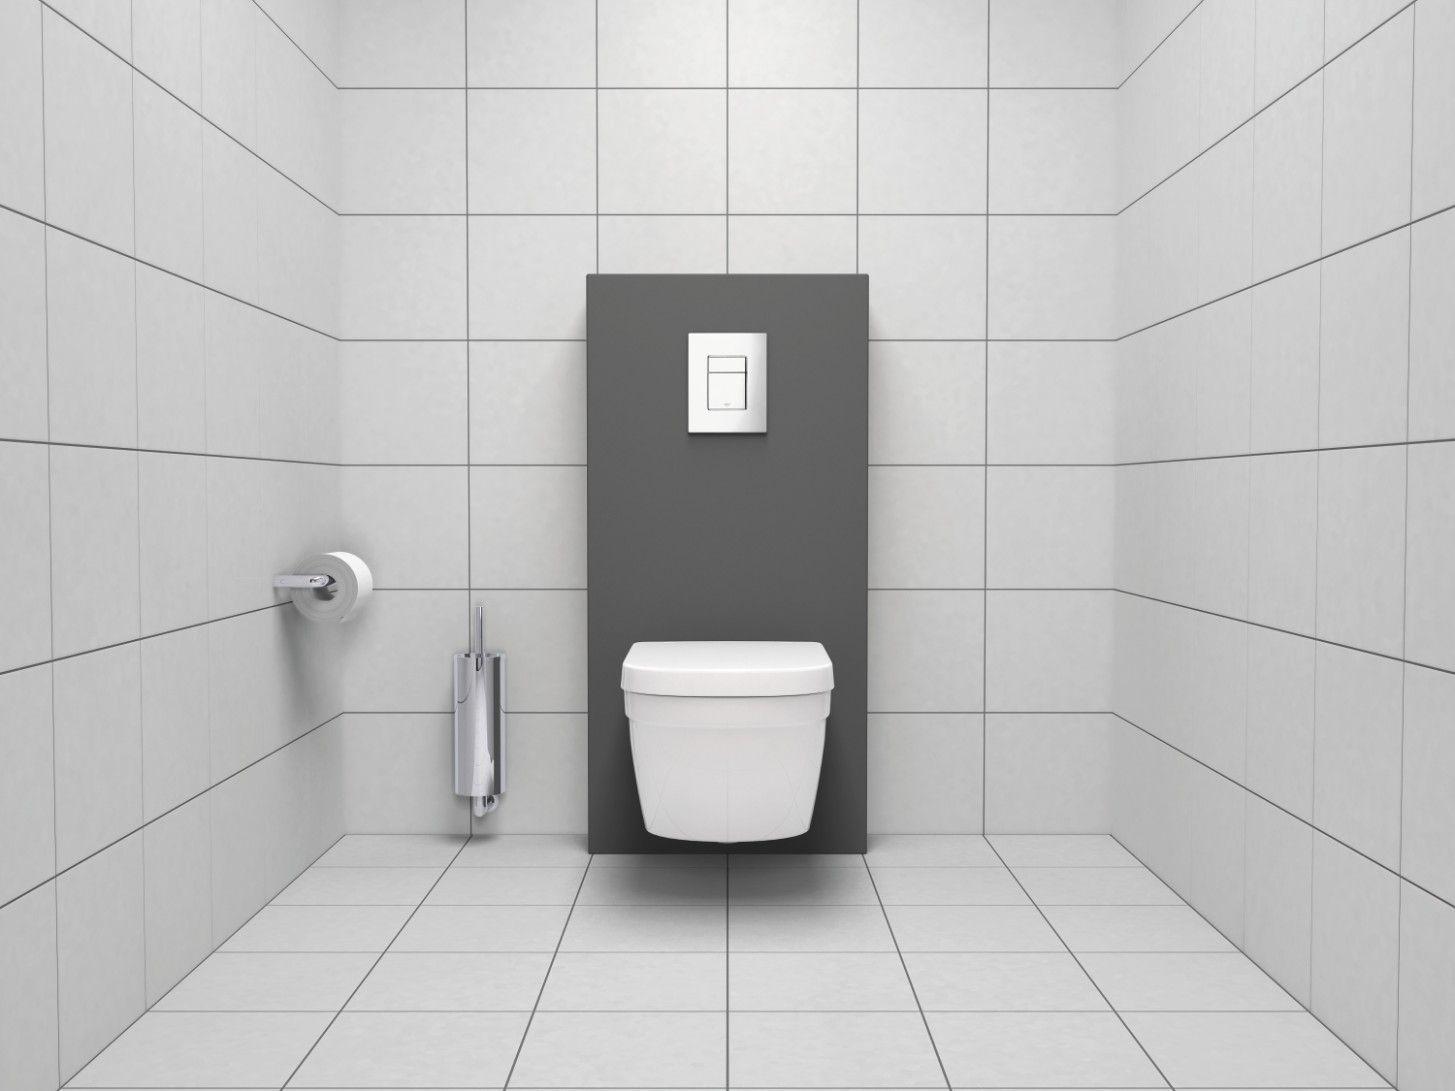 Bathroom Essentials Toilet Brush di 2020